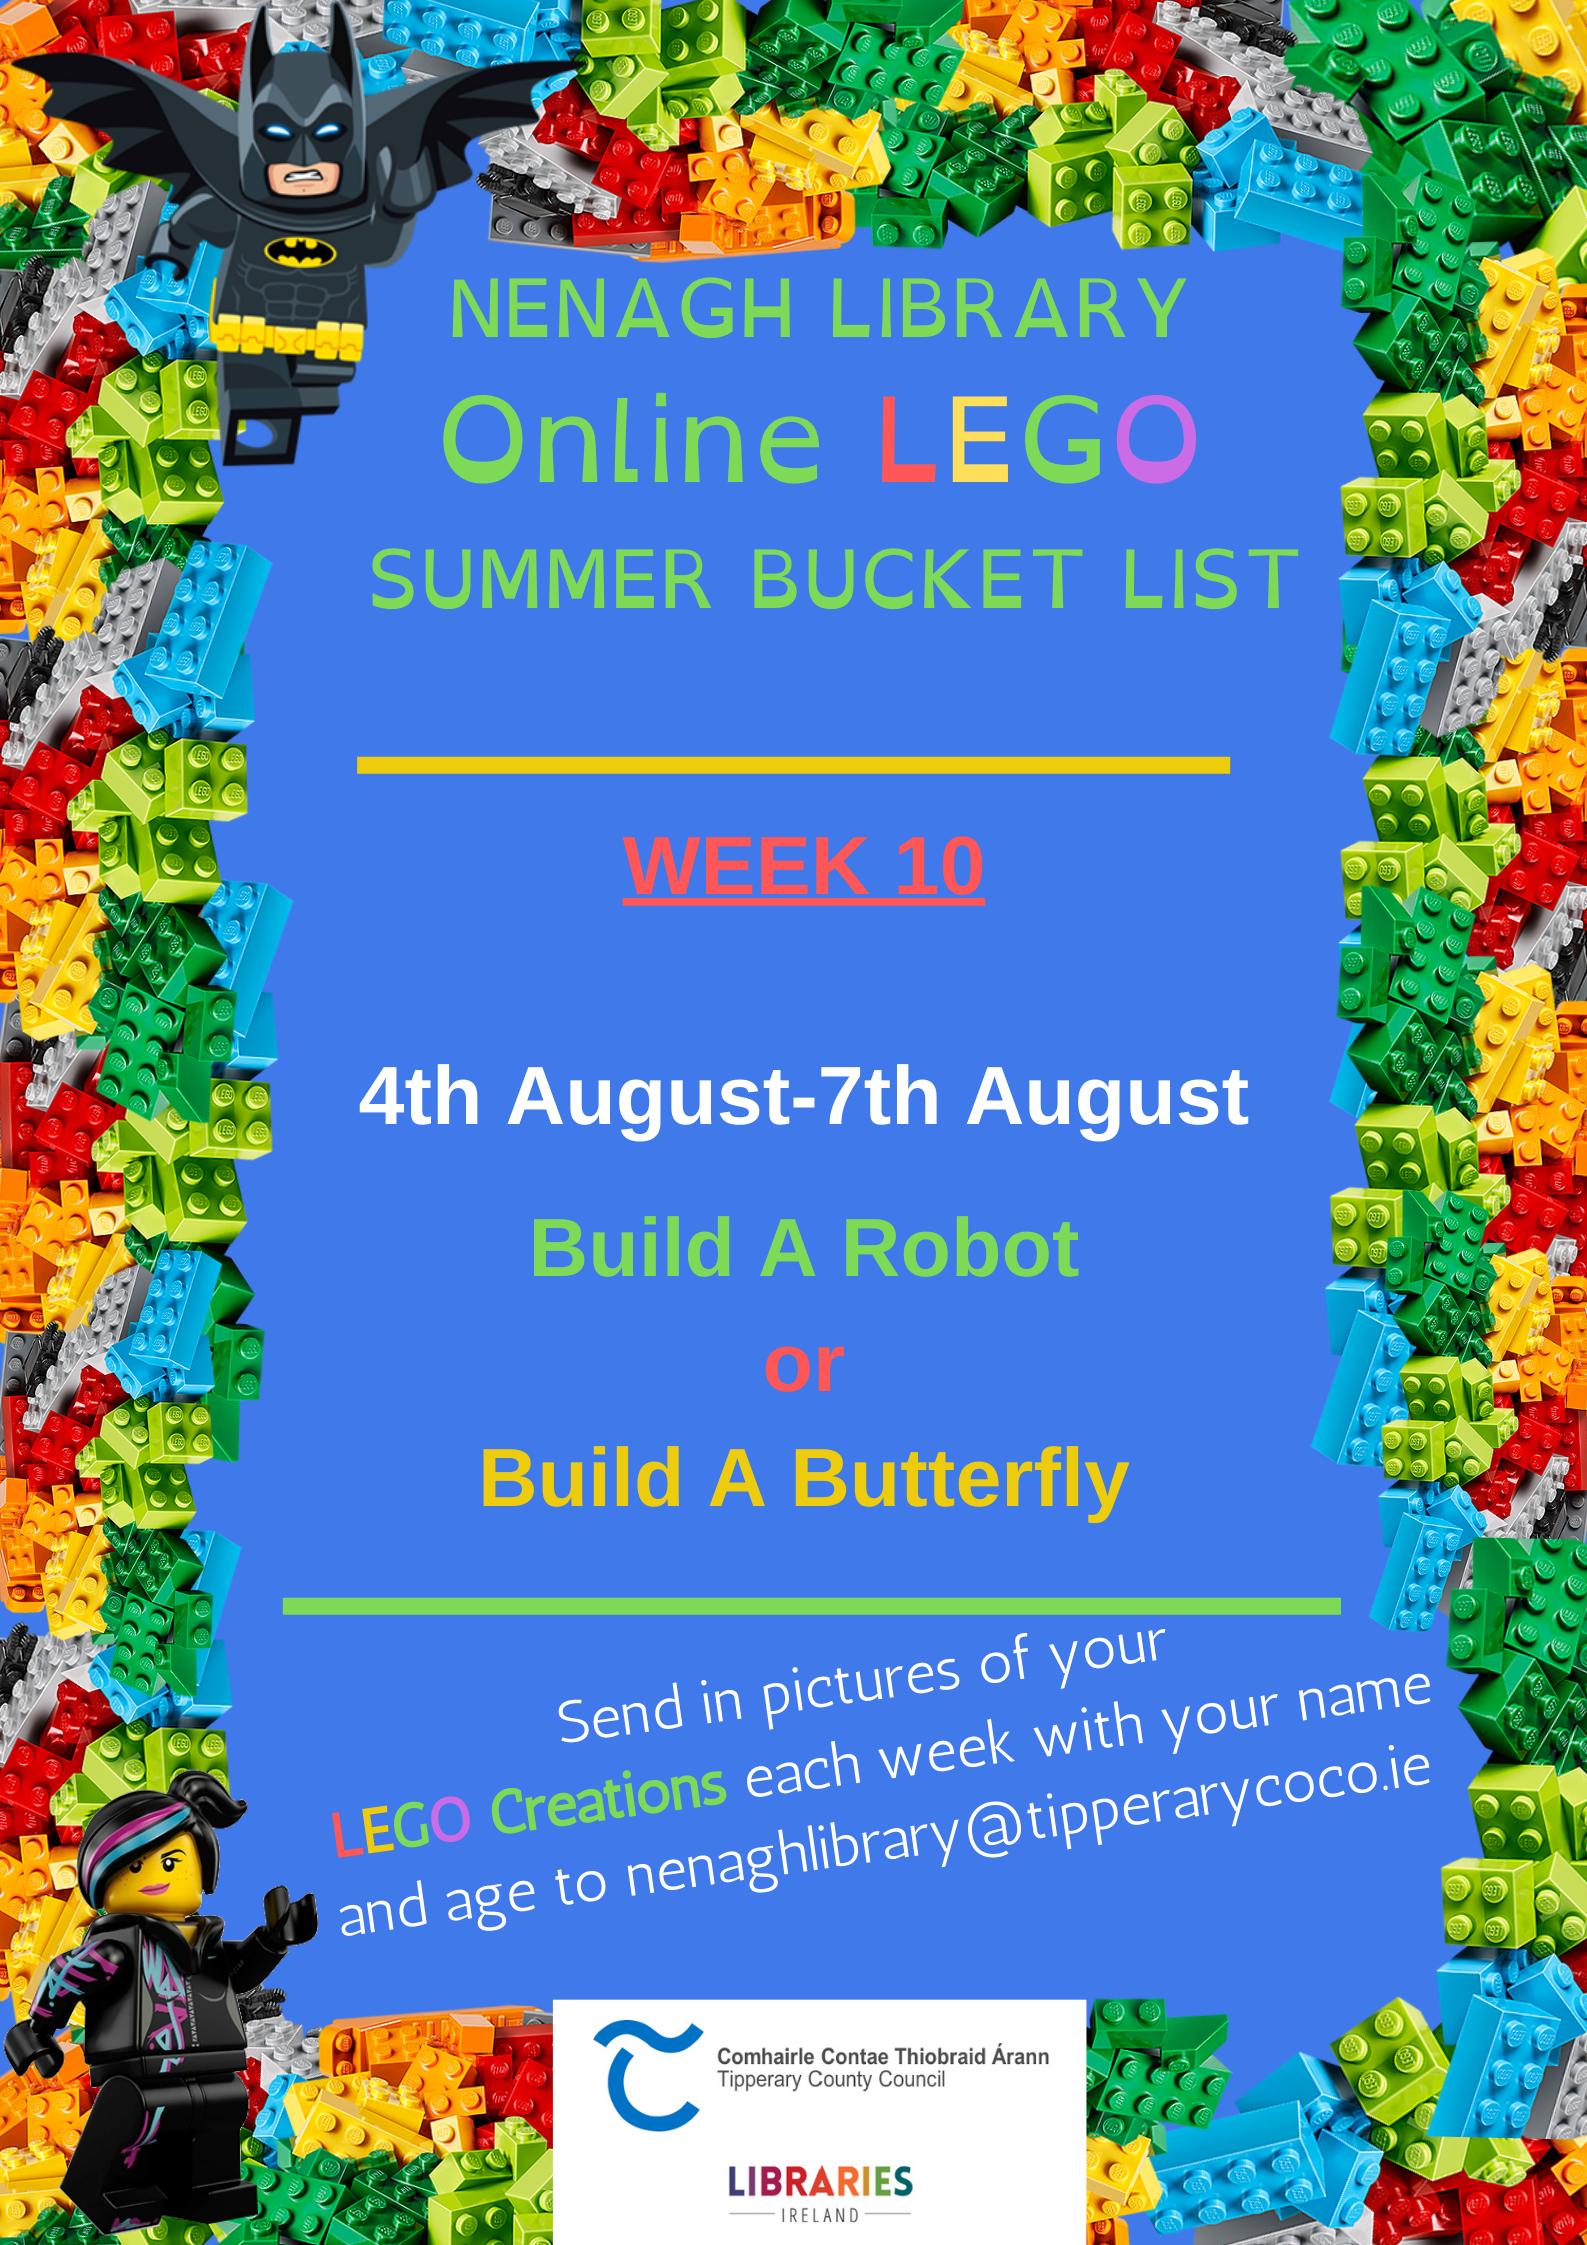 Week 10 LEGO